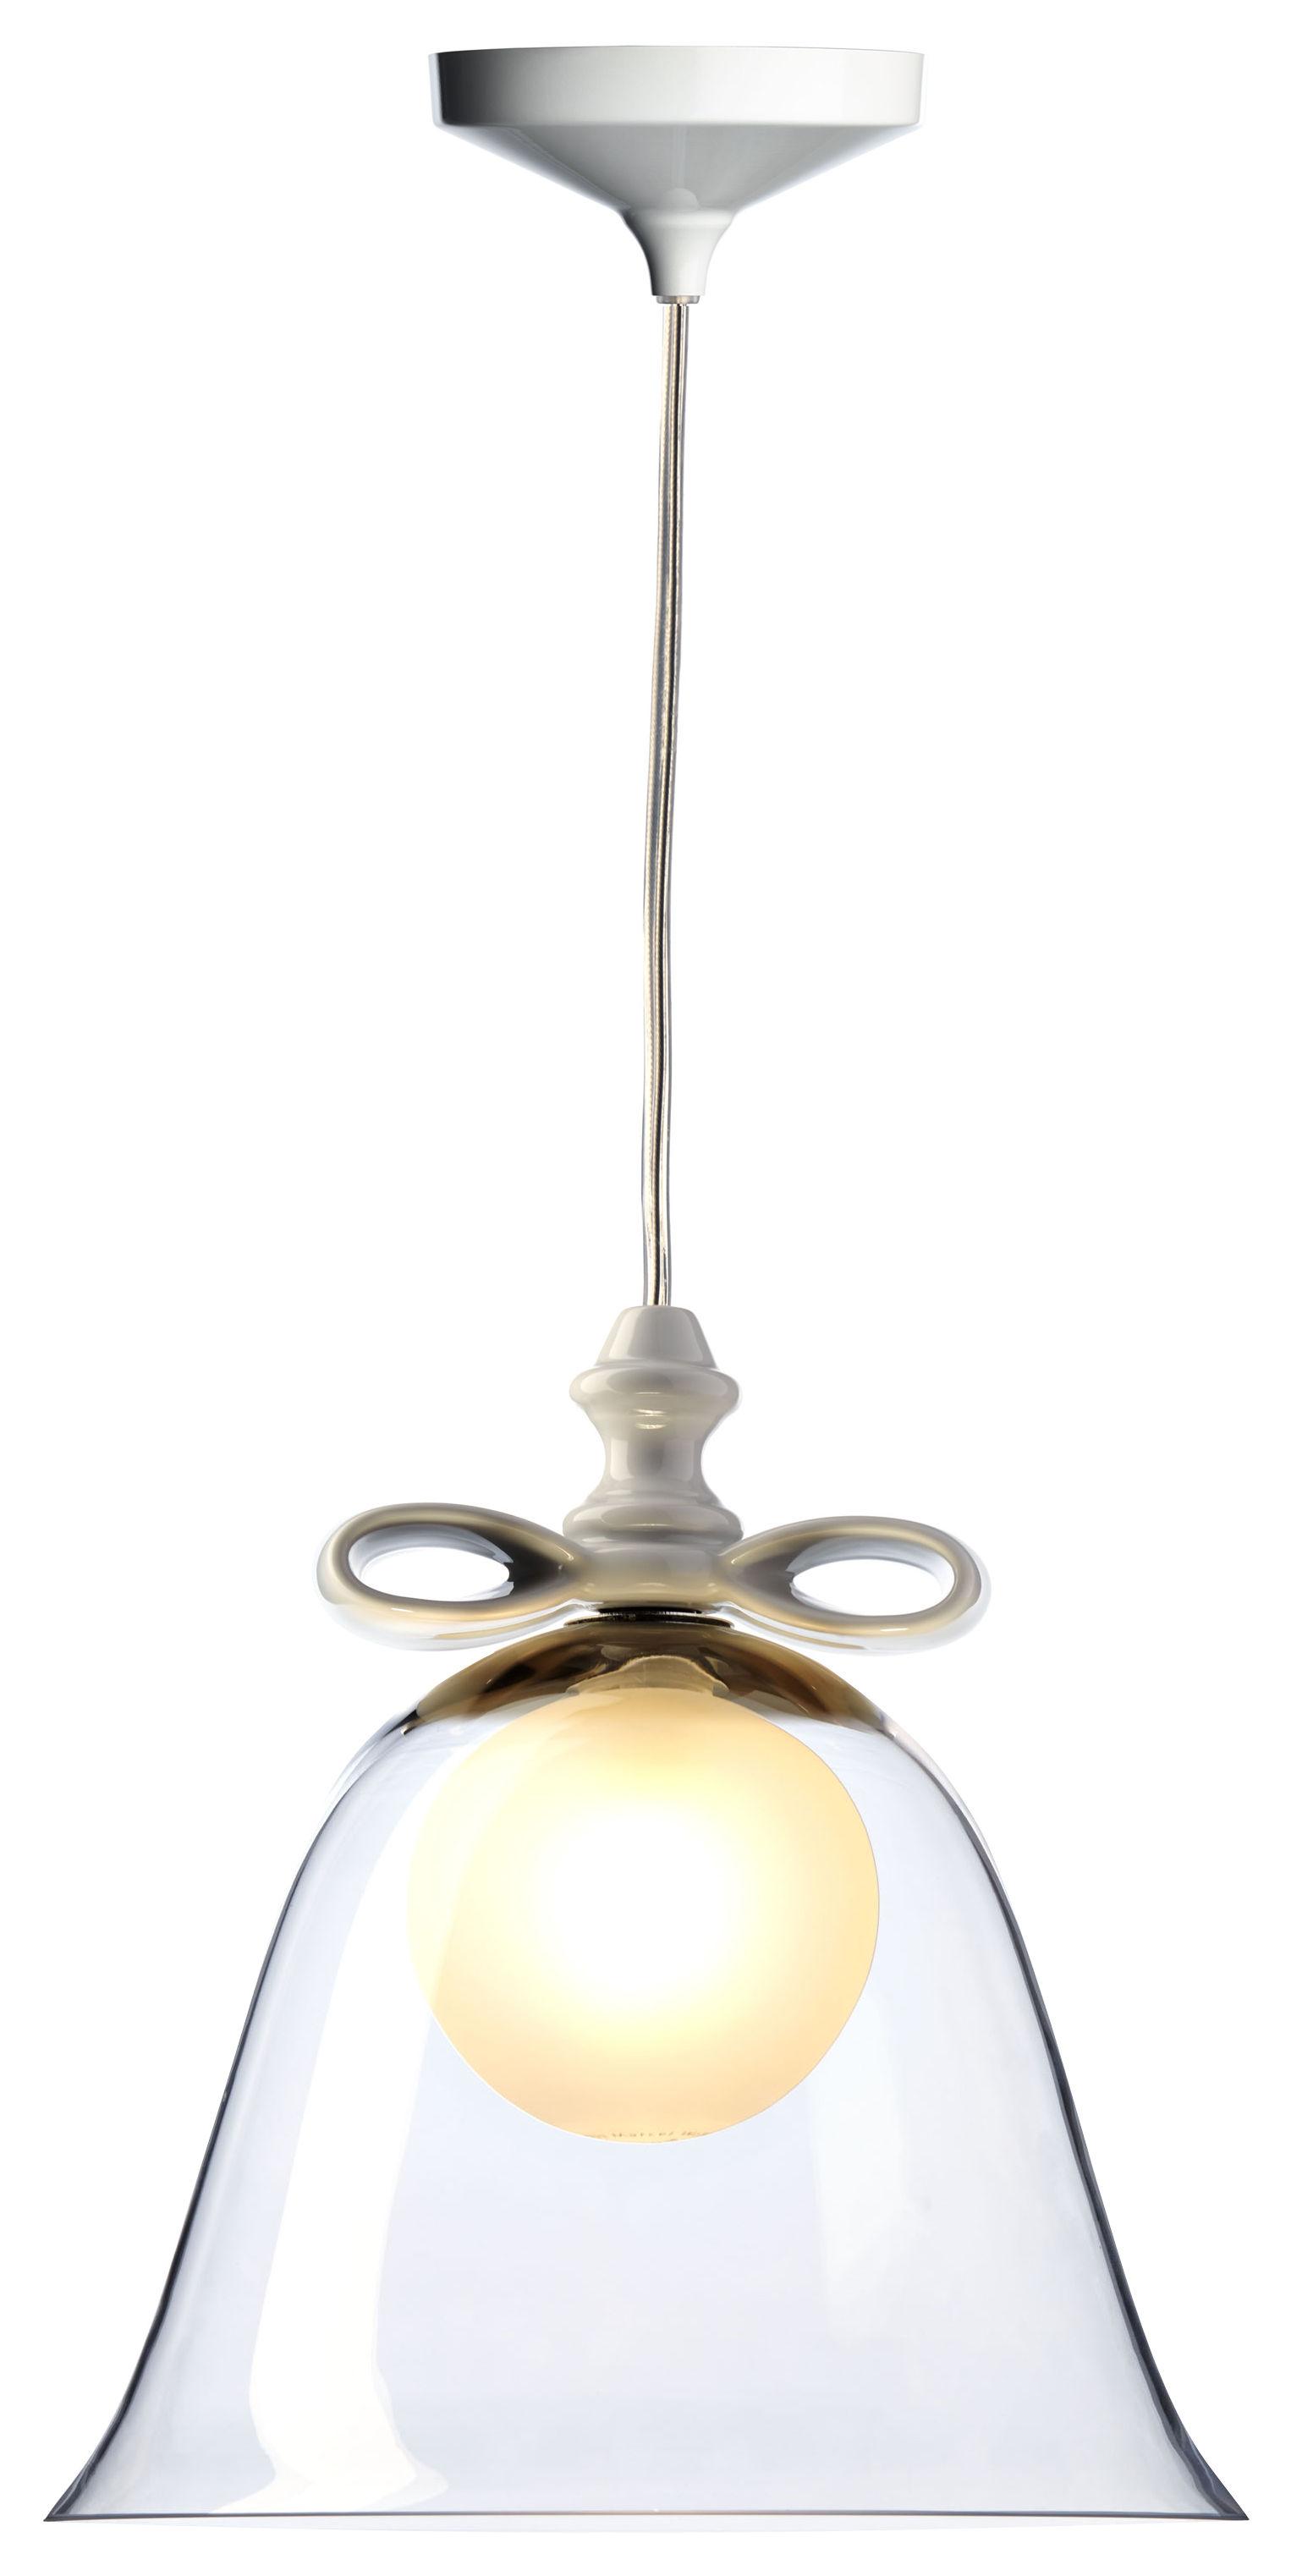 Leuchten - Pendelleuchten - Bell Medium Pendelleuchte / Ø 35 cm x H 27 cm - Moooi - Transparent / Schleife weiß - Keramik, mundgeblasenes Glas